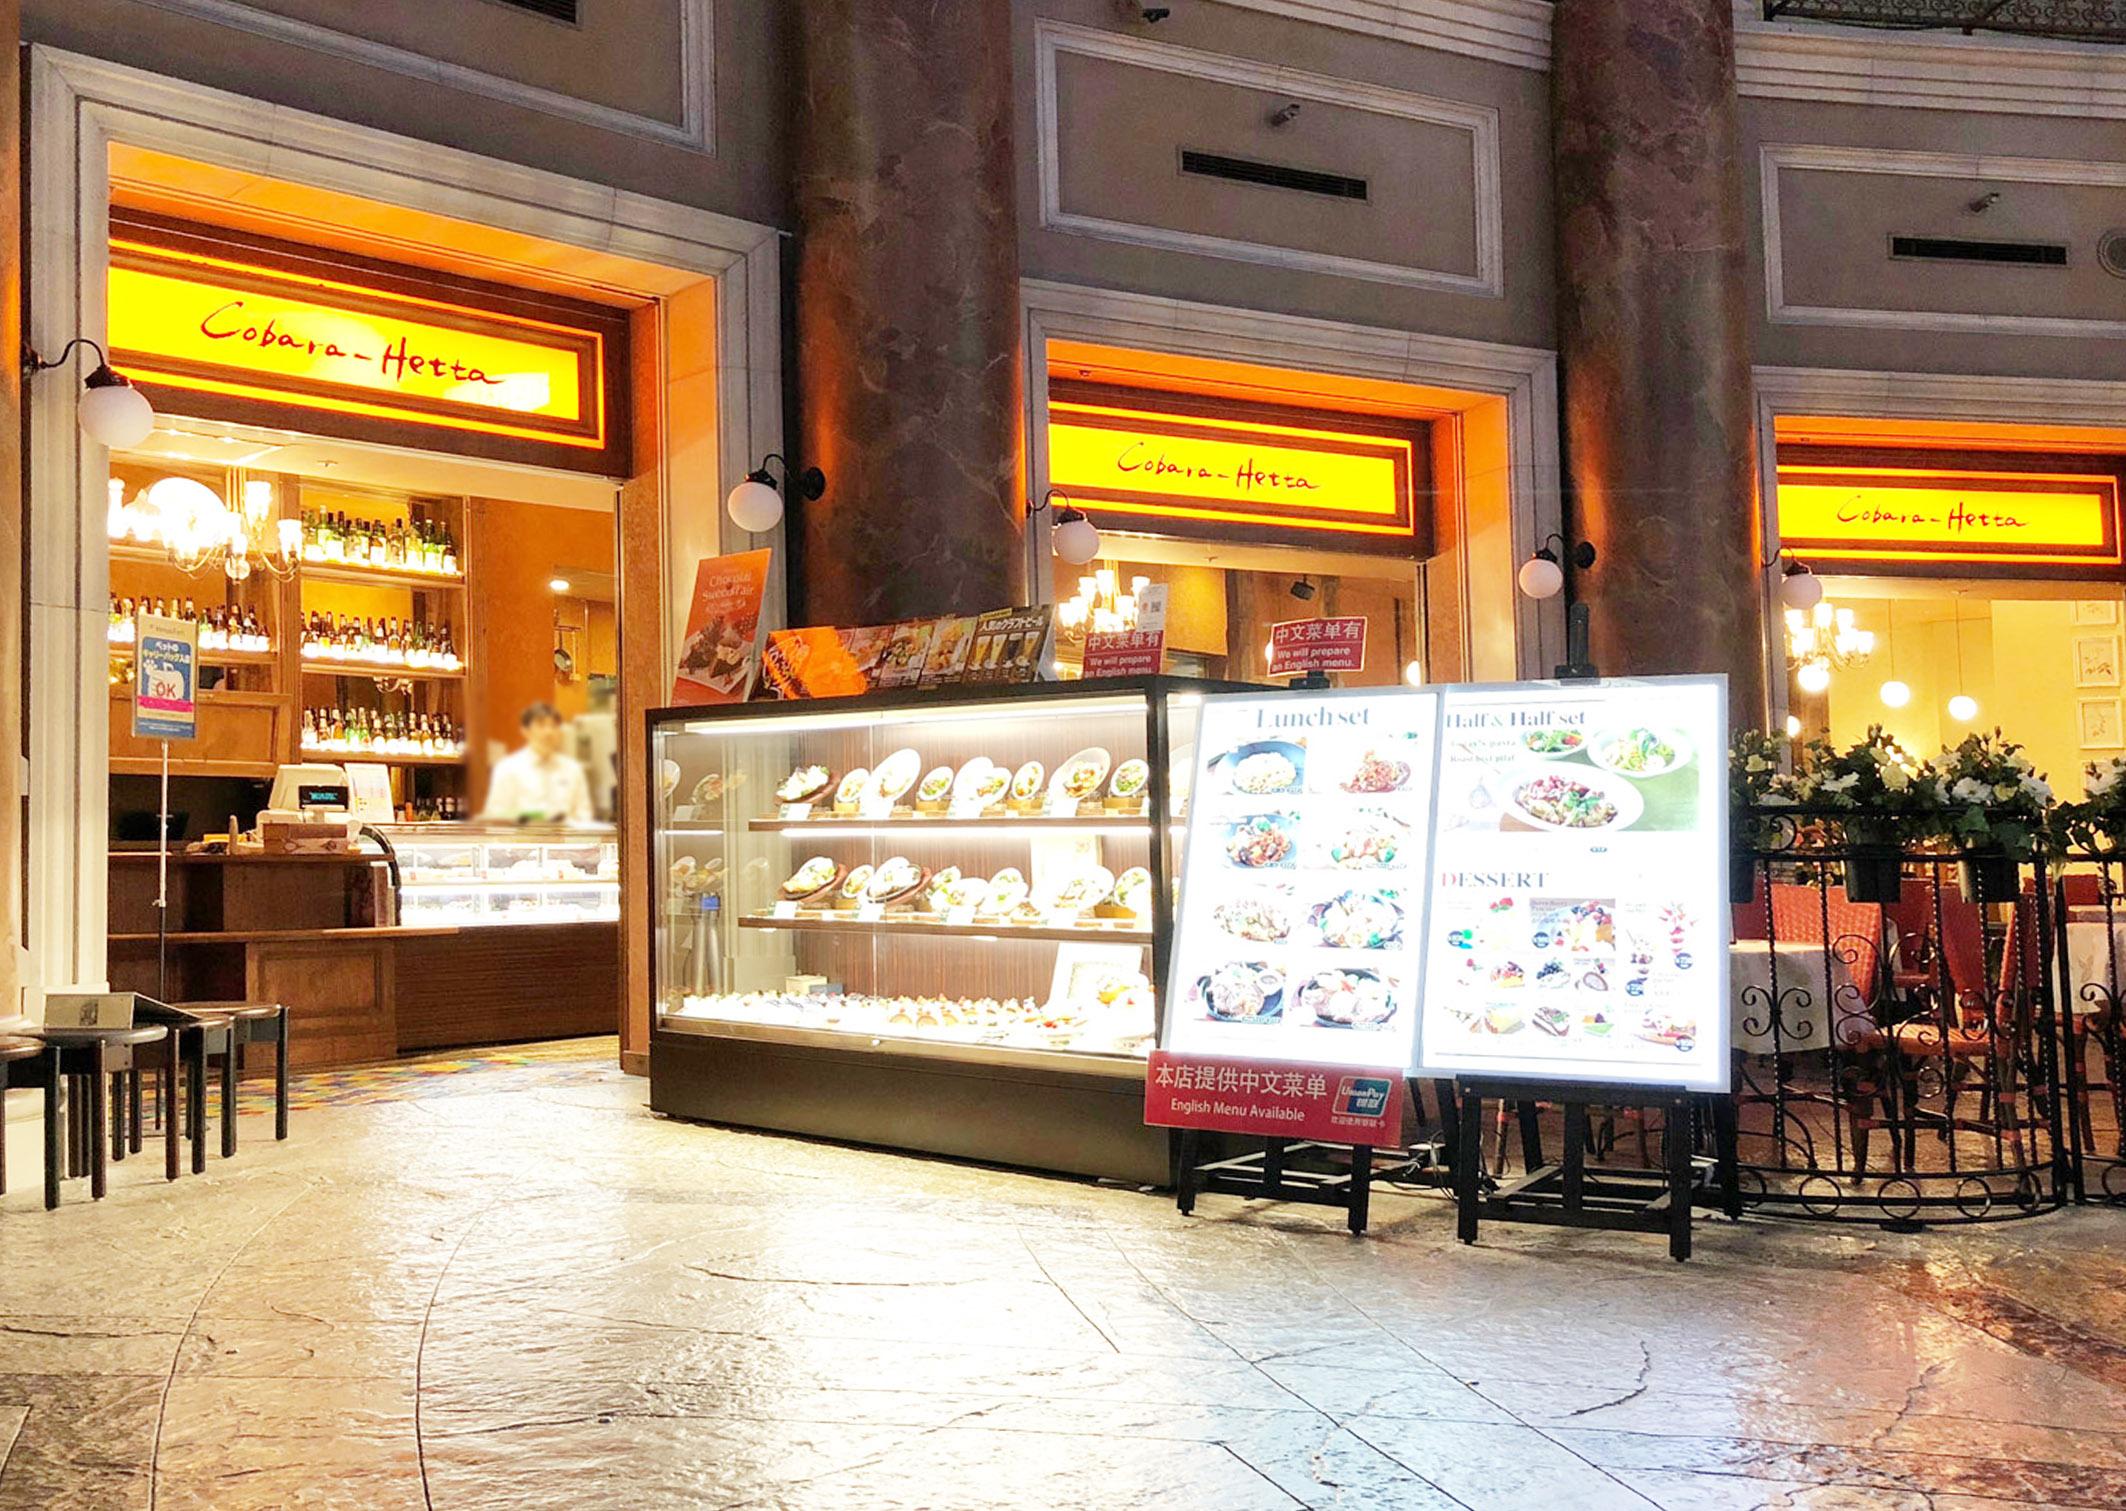 コバラヘッタ ヴィーナスフォート店・店舗画像